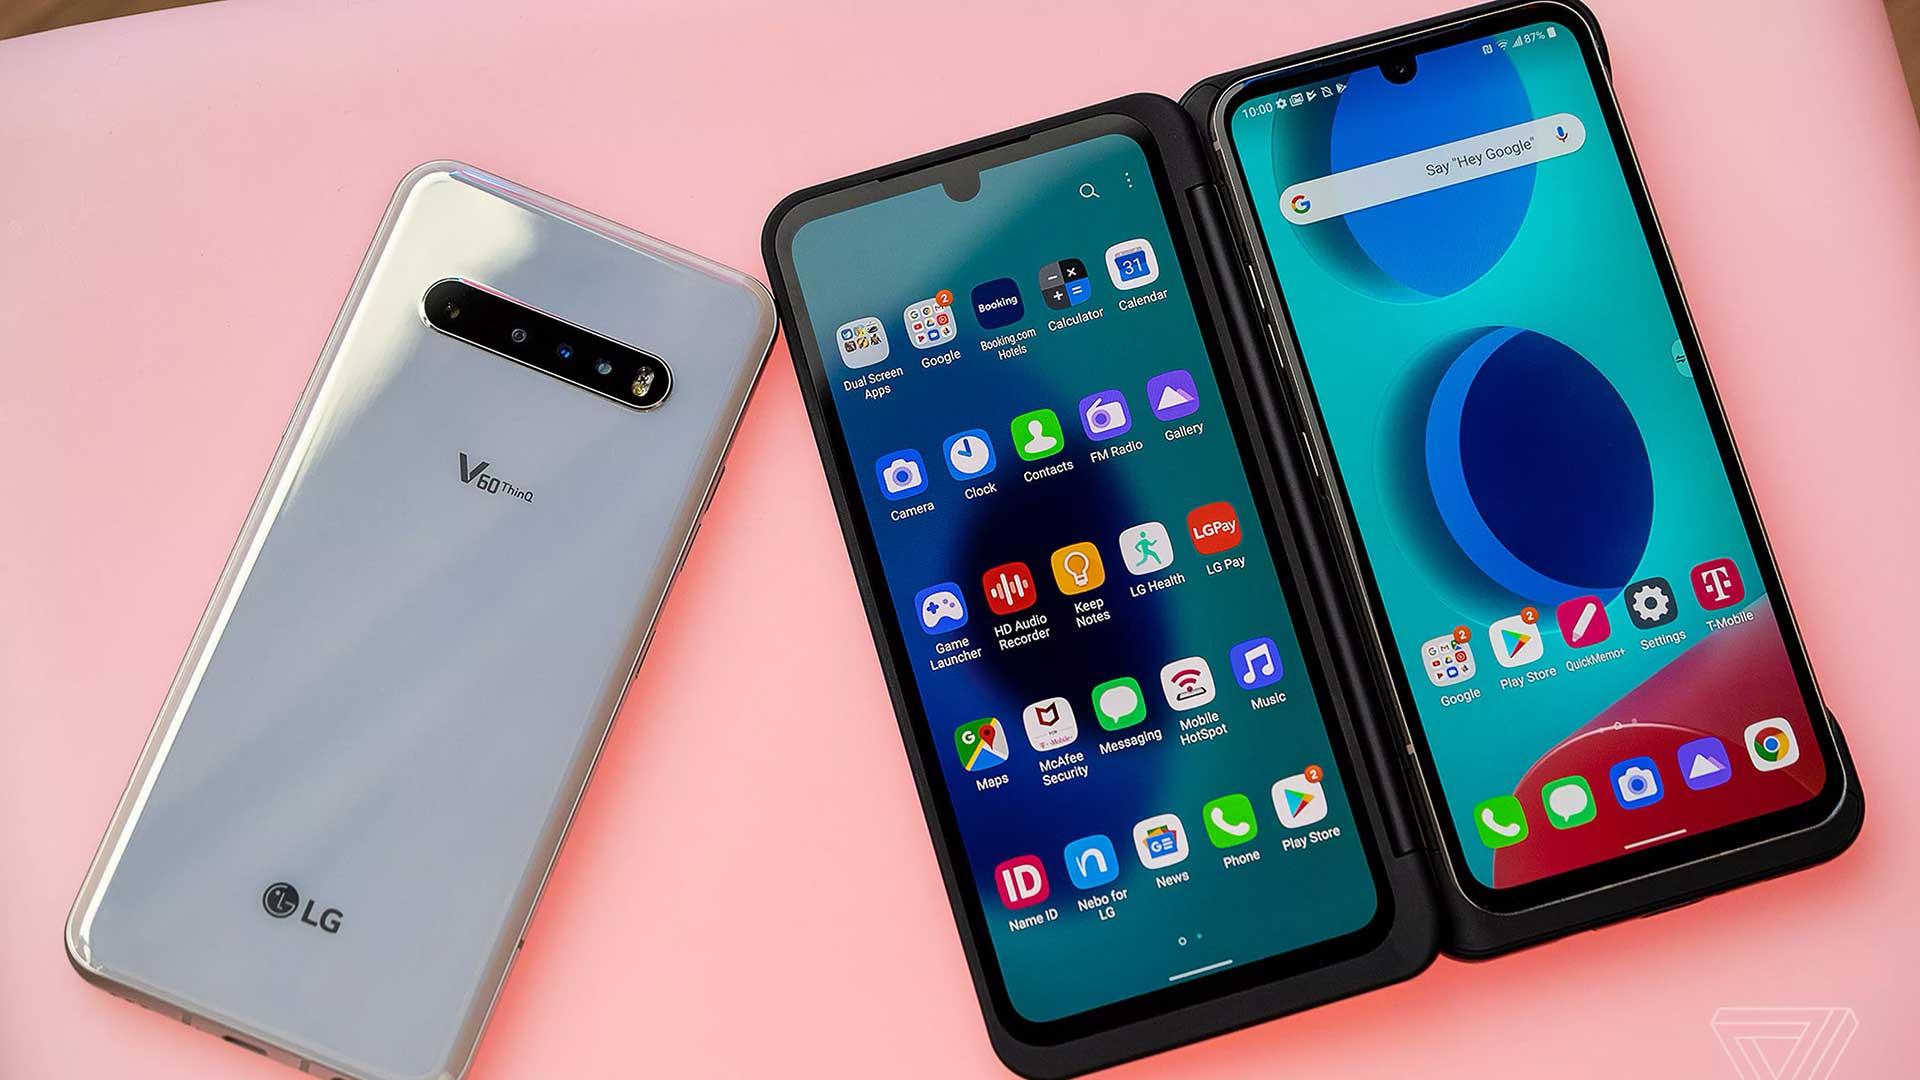 (جدول) قیمت انواع گوشی موبایل سامسونگ، اپل و شیائومی در بازار امروز 13 تیر ۹۹؛ مقایسه گوشی های سامسونگ با هواوی